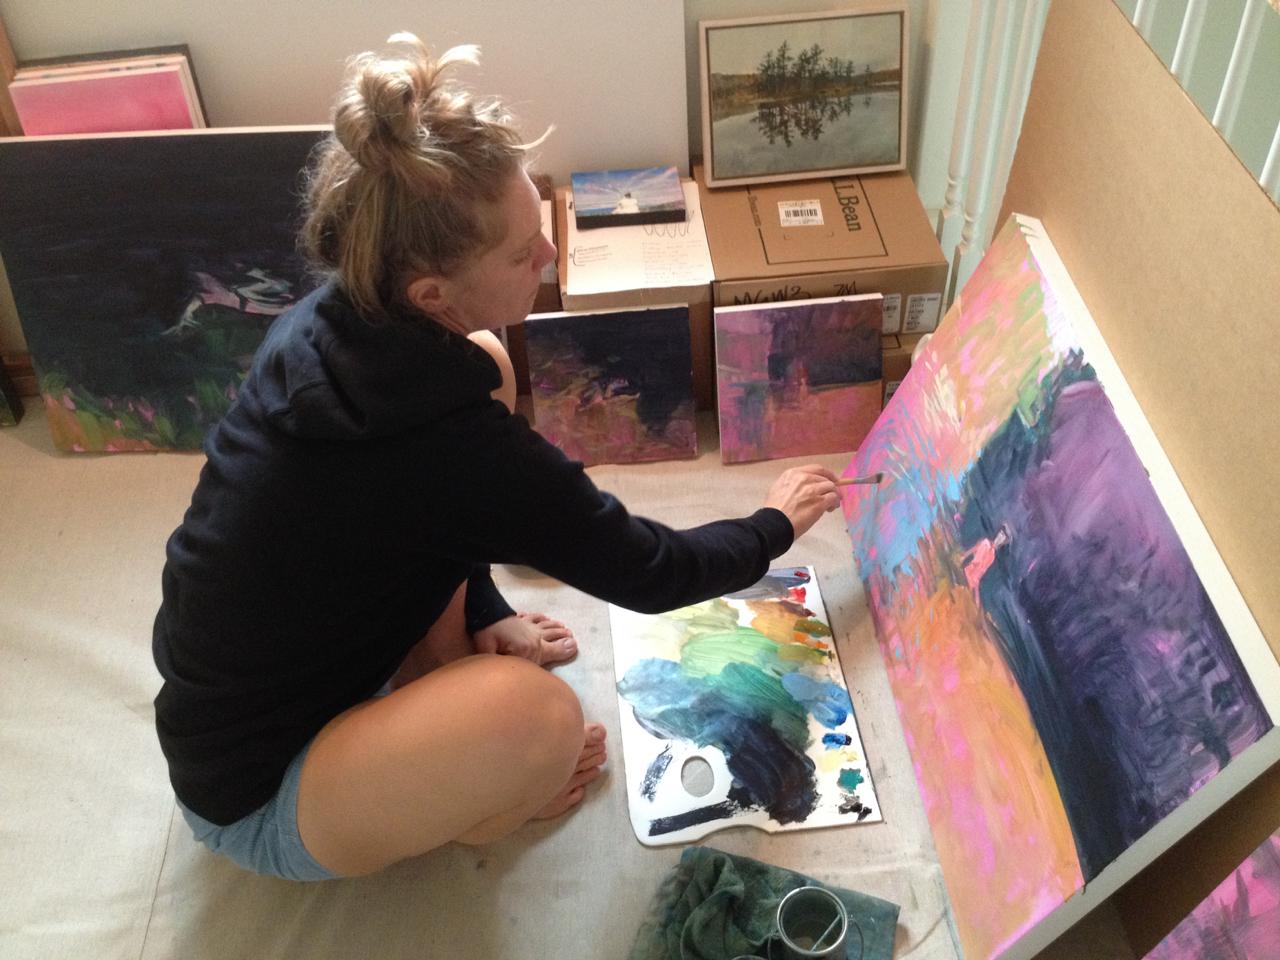 Working on the floor in the studio